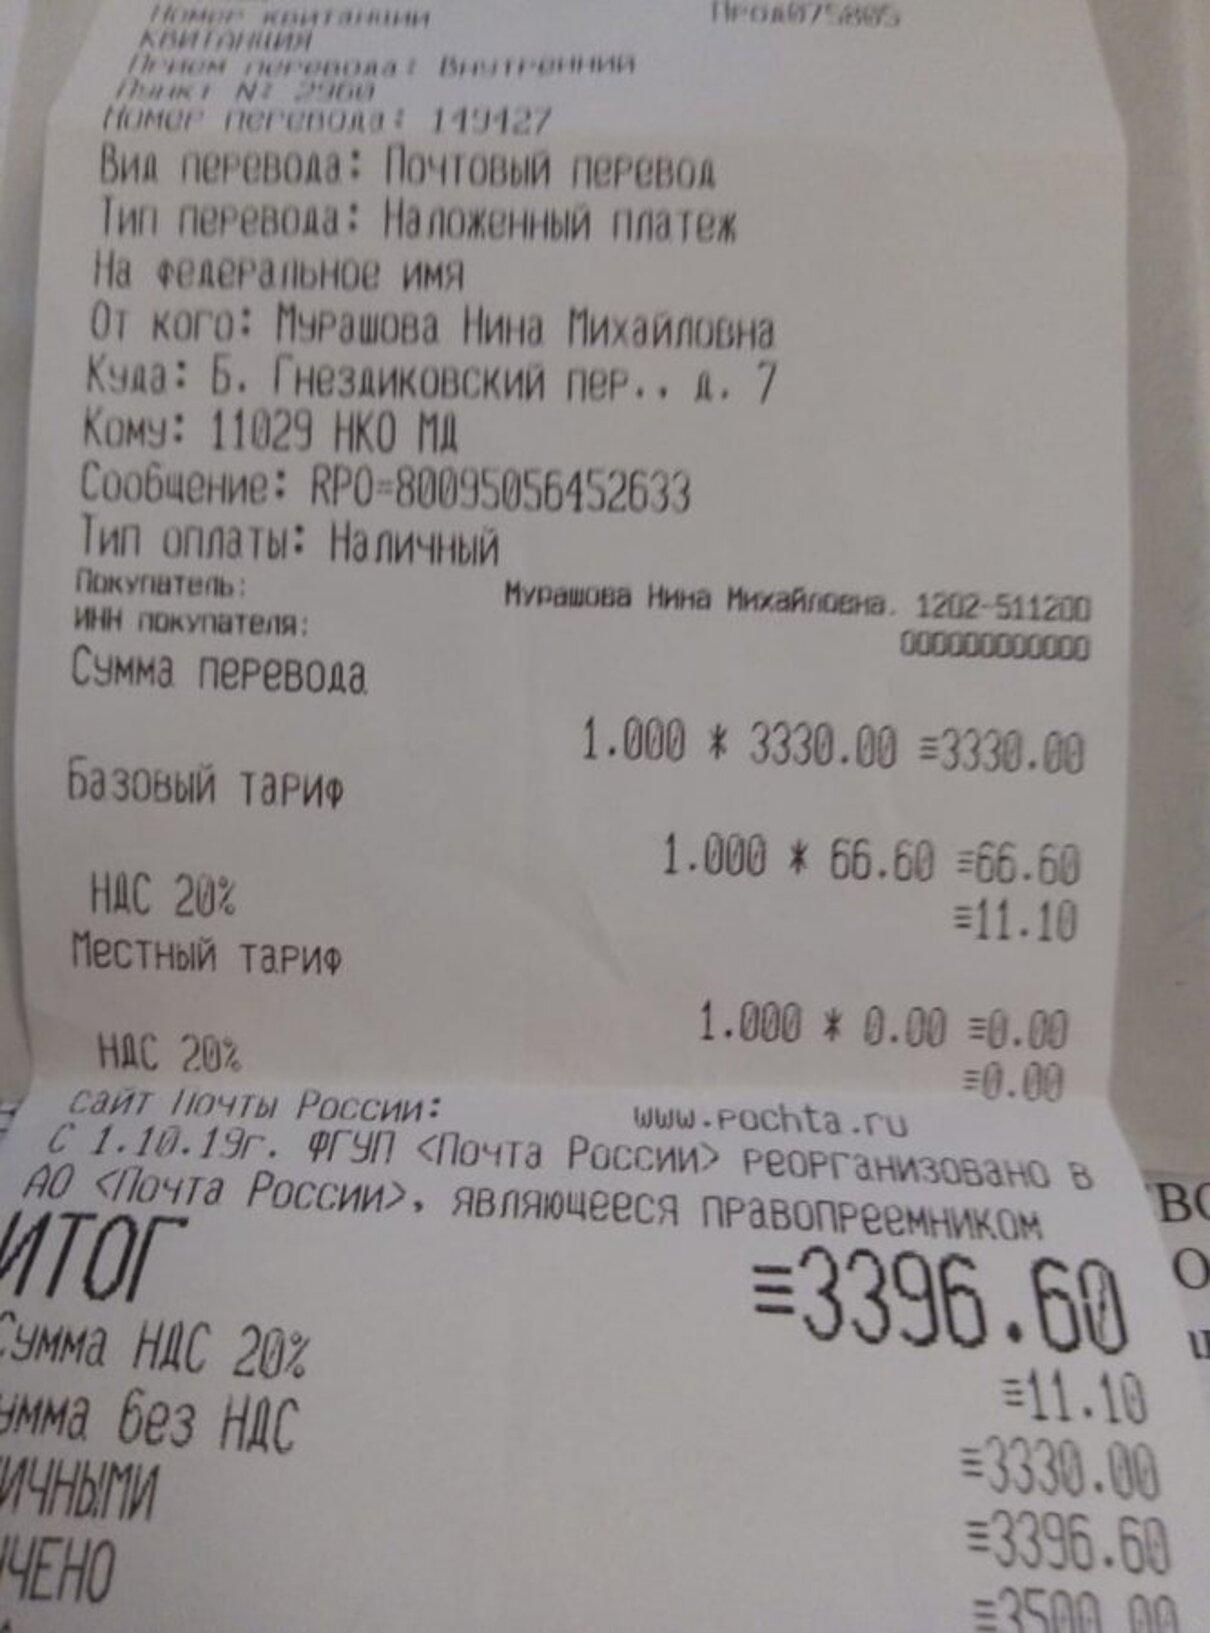 Жалоба-отзыв: Магазин стильной одежды Магазин №1 в России - Прислали не то, что заказывала.  Фото №3